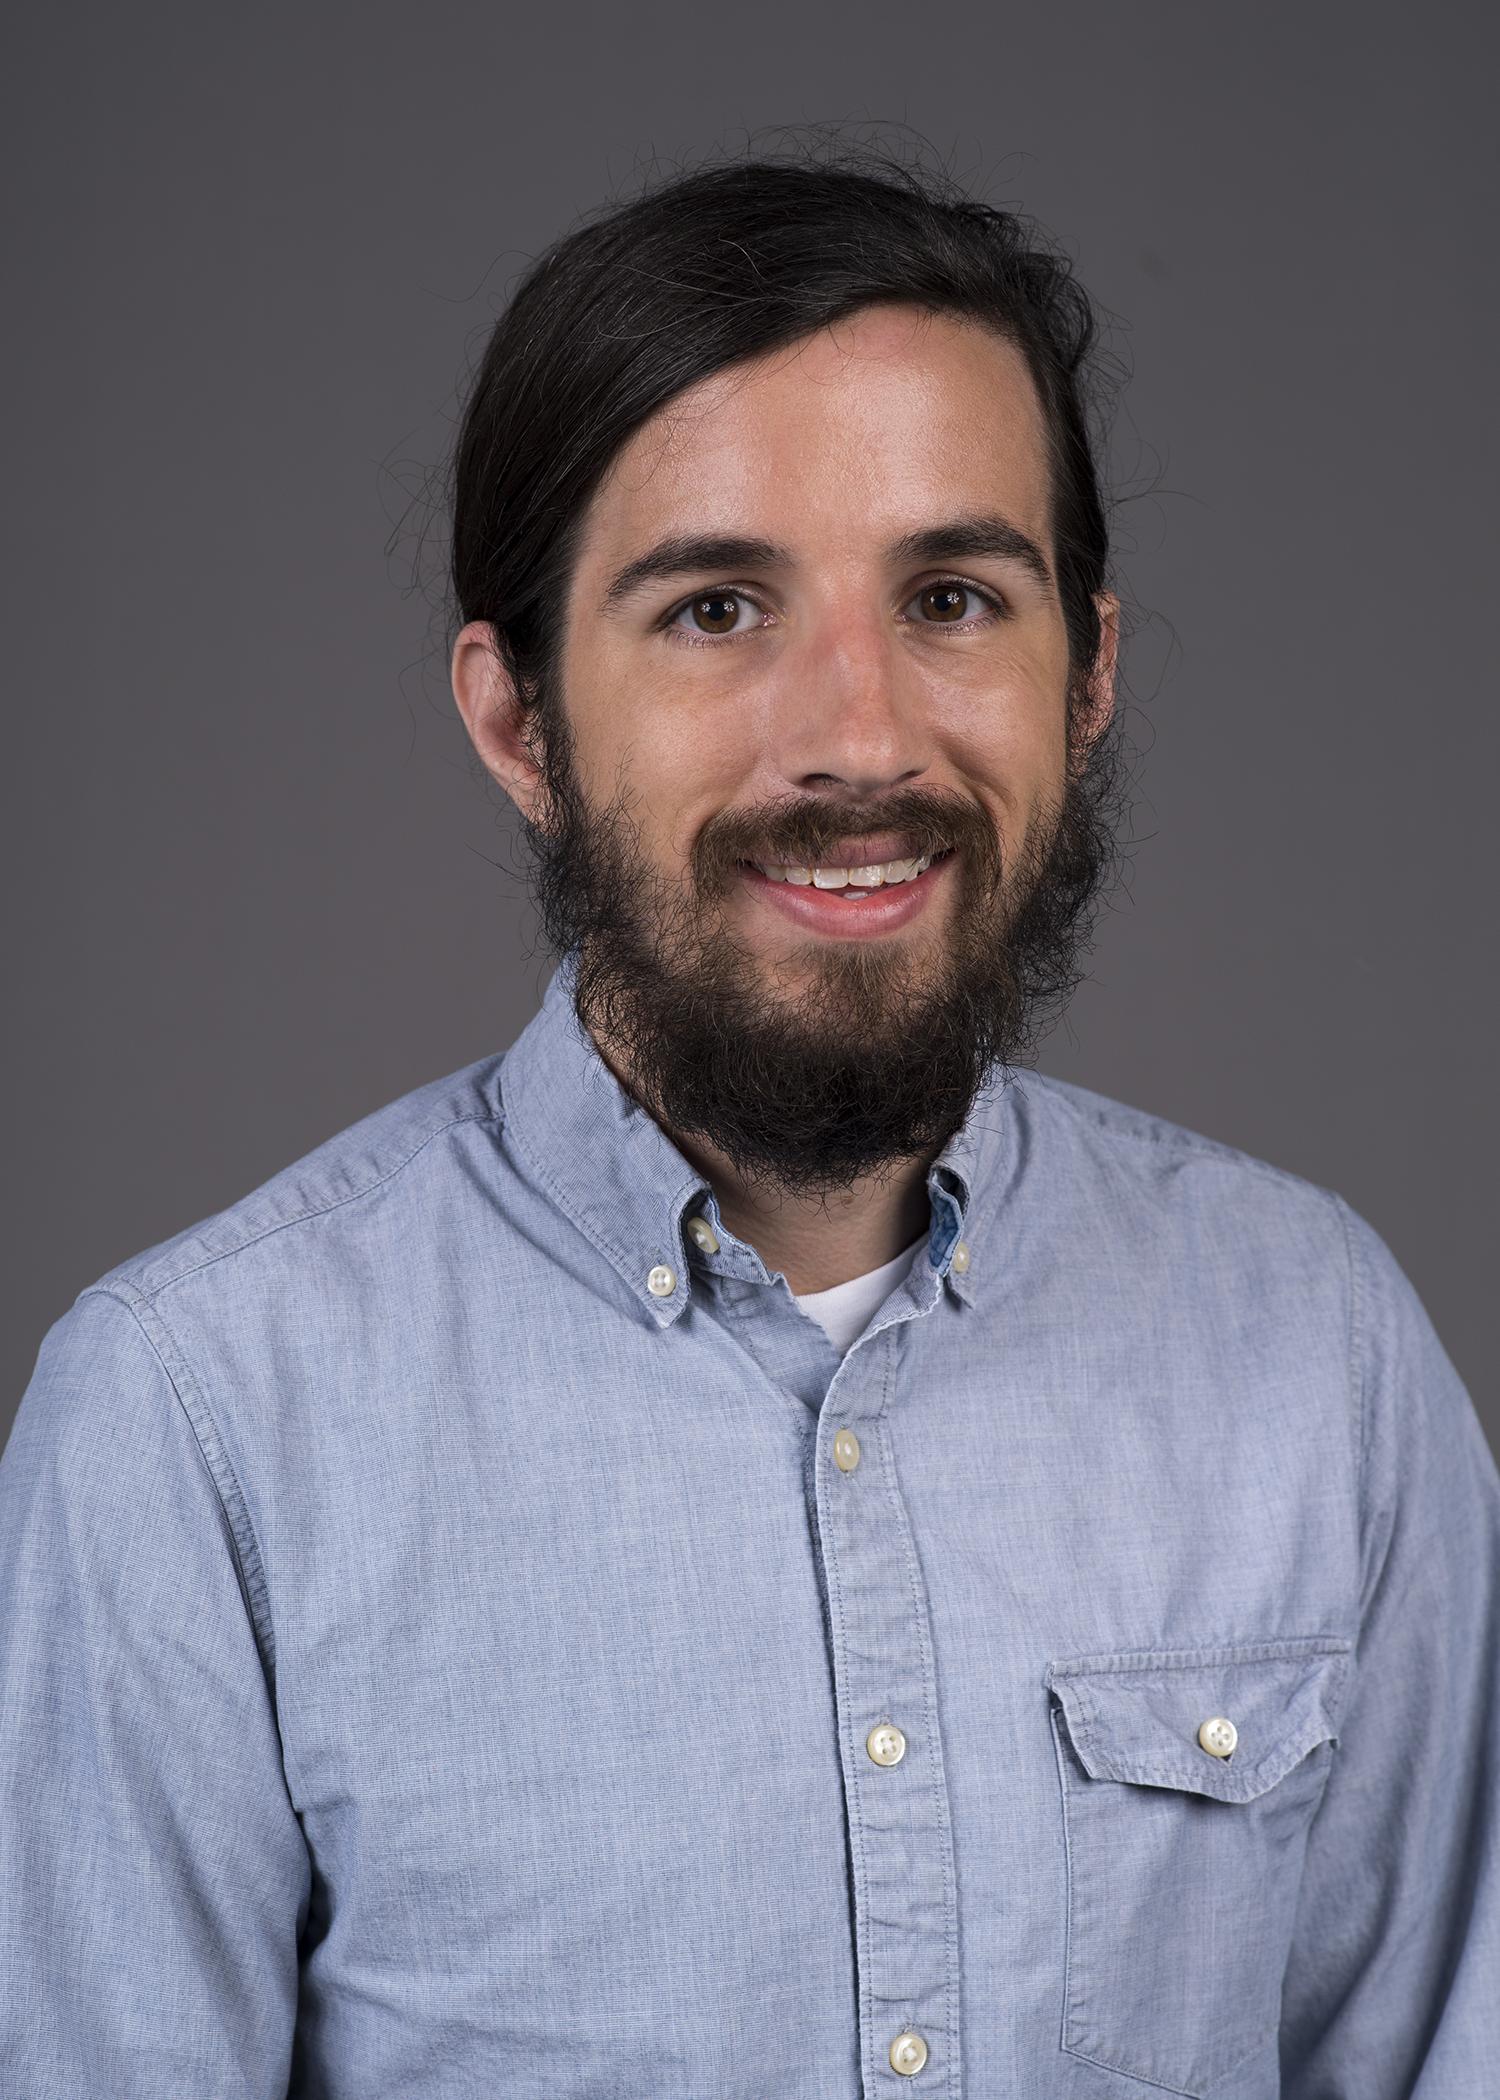 Joshua Moore, M.D.